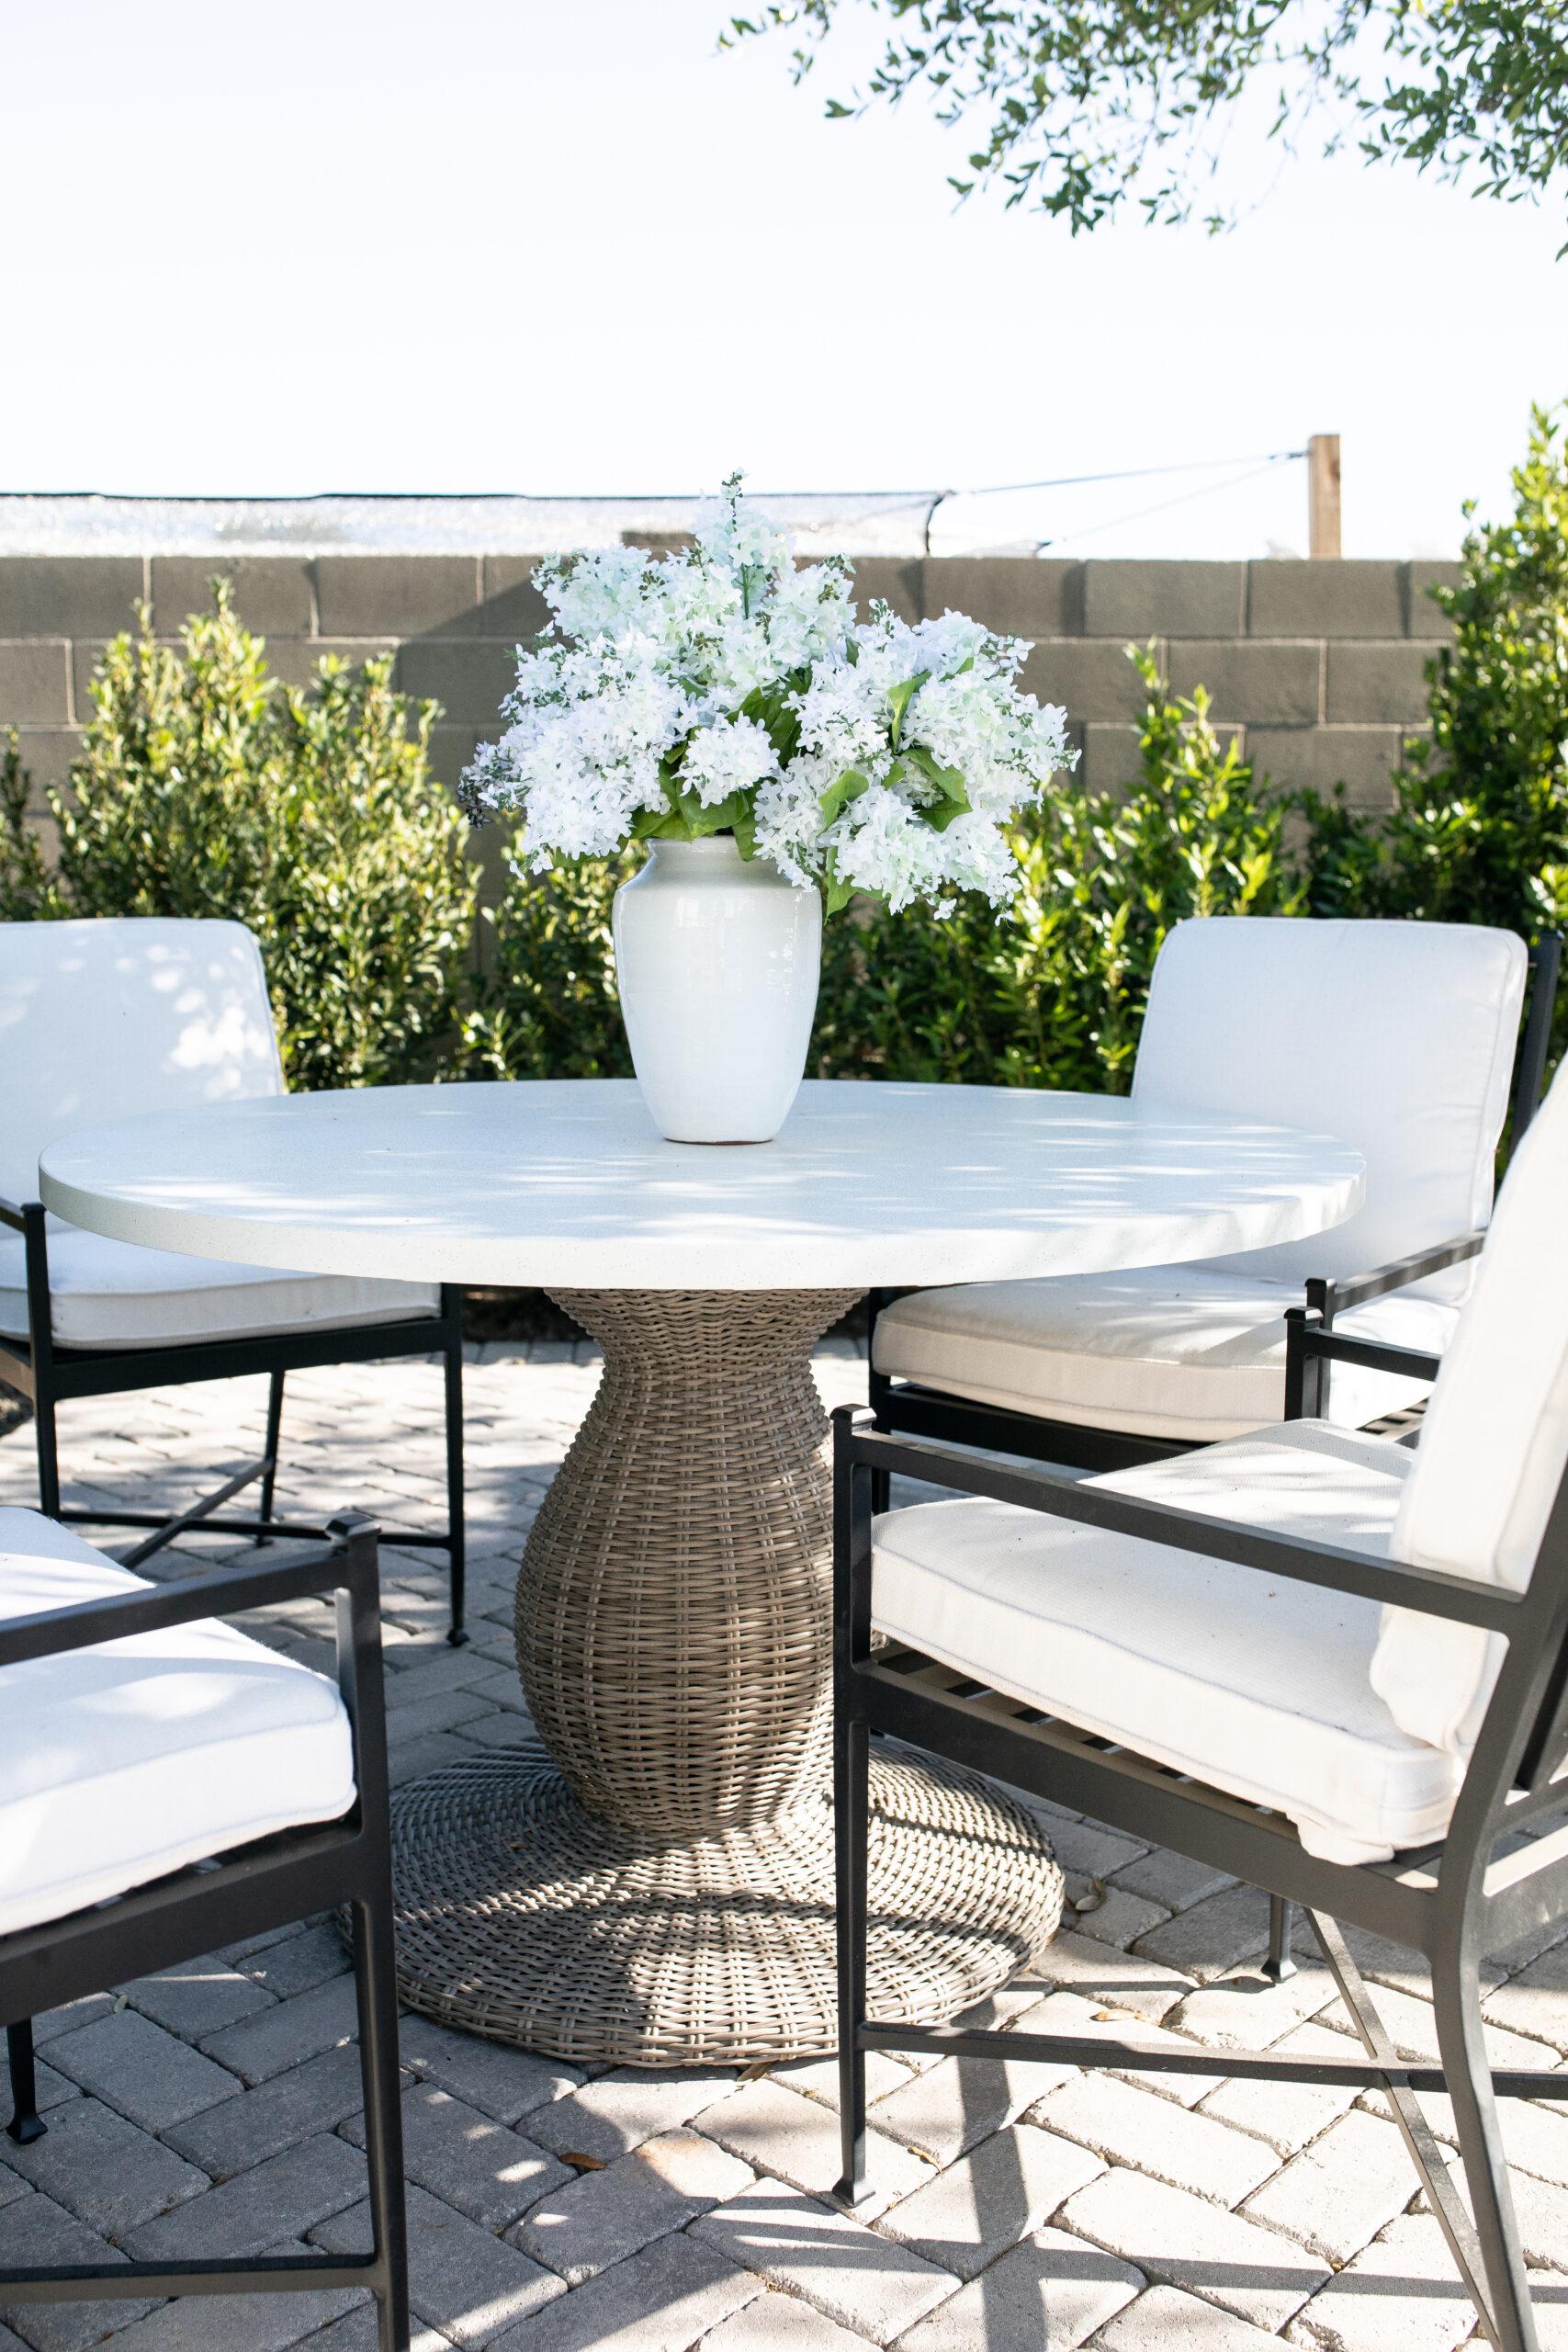 Bassett Home Outdoor Furniture